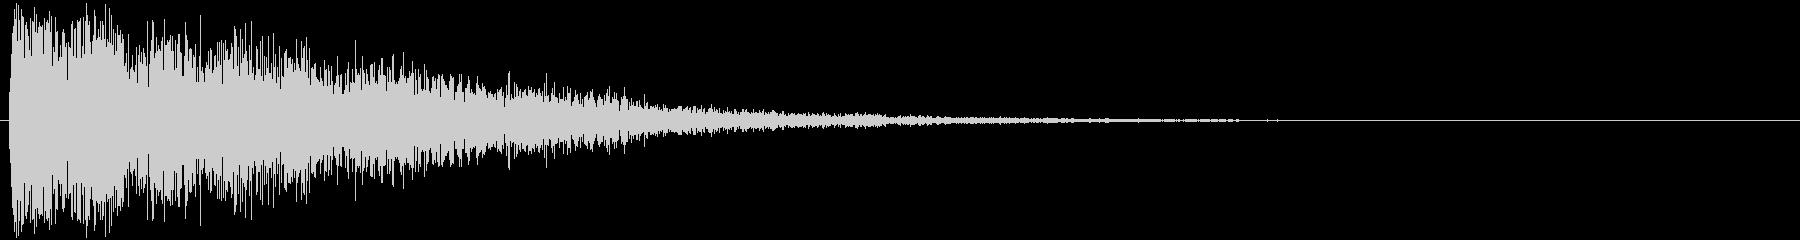 ダーン(決定音、アプリ、サウンドロゴ等)の未再生の波形